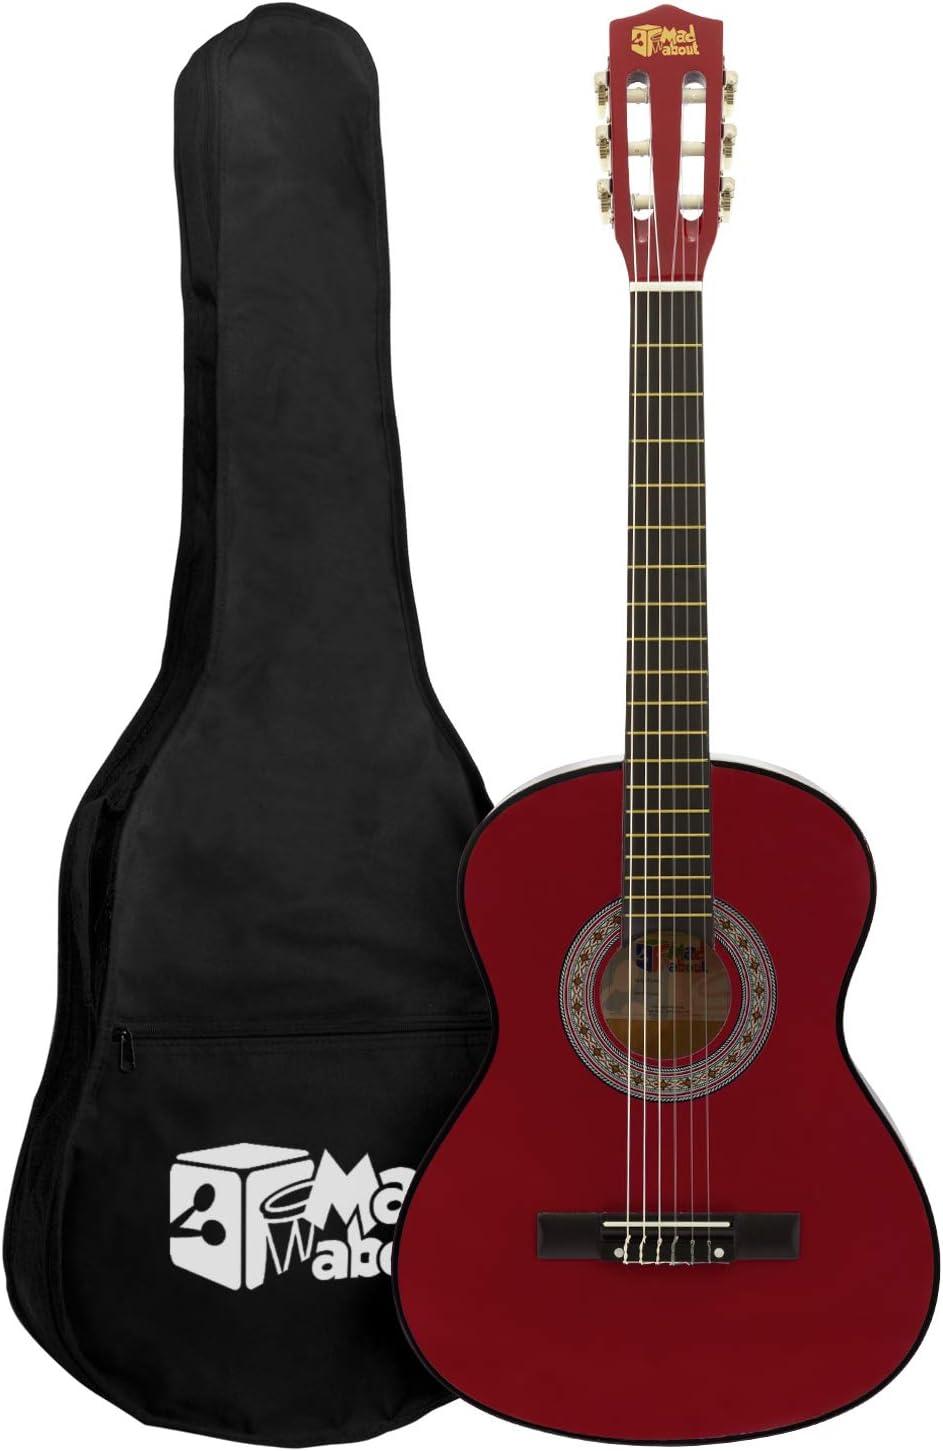 Mad About Ma-Cg08 Guitarra Clásica 1/2 Tamaño Rojo Guitarra Clásica - Colorida Guitarra Española con Bolsa de Transporte, Correa, Púas y Cuerdas de Repuesto